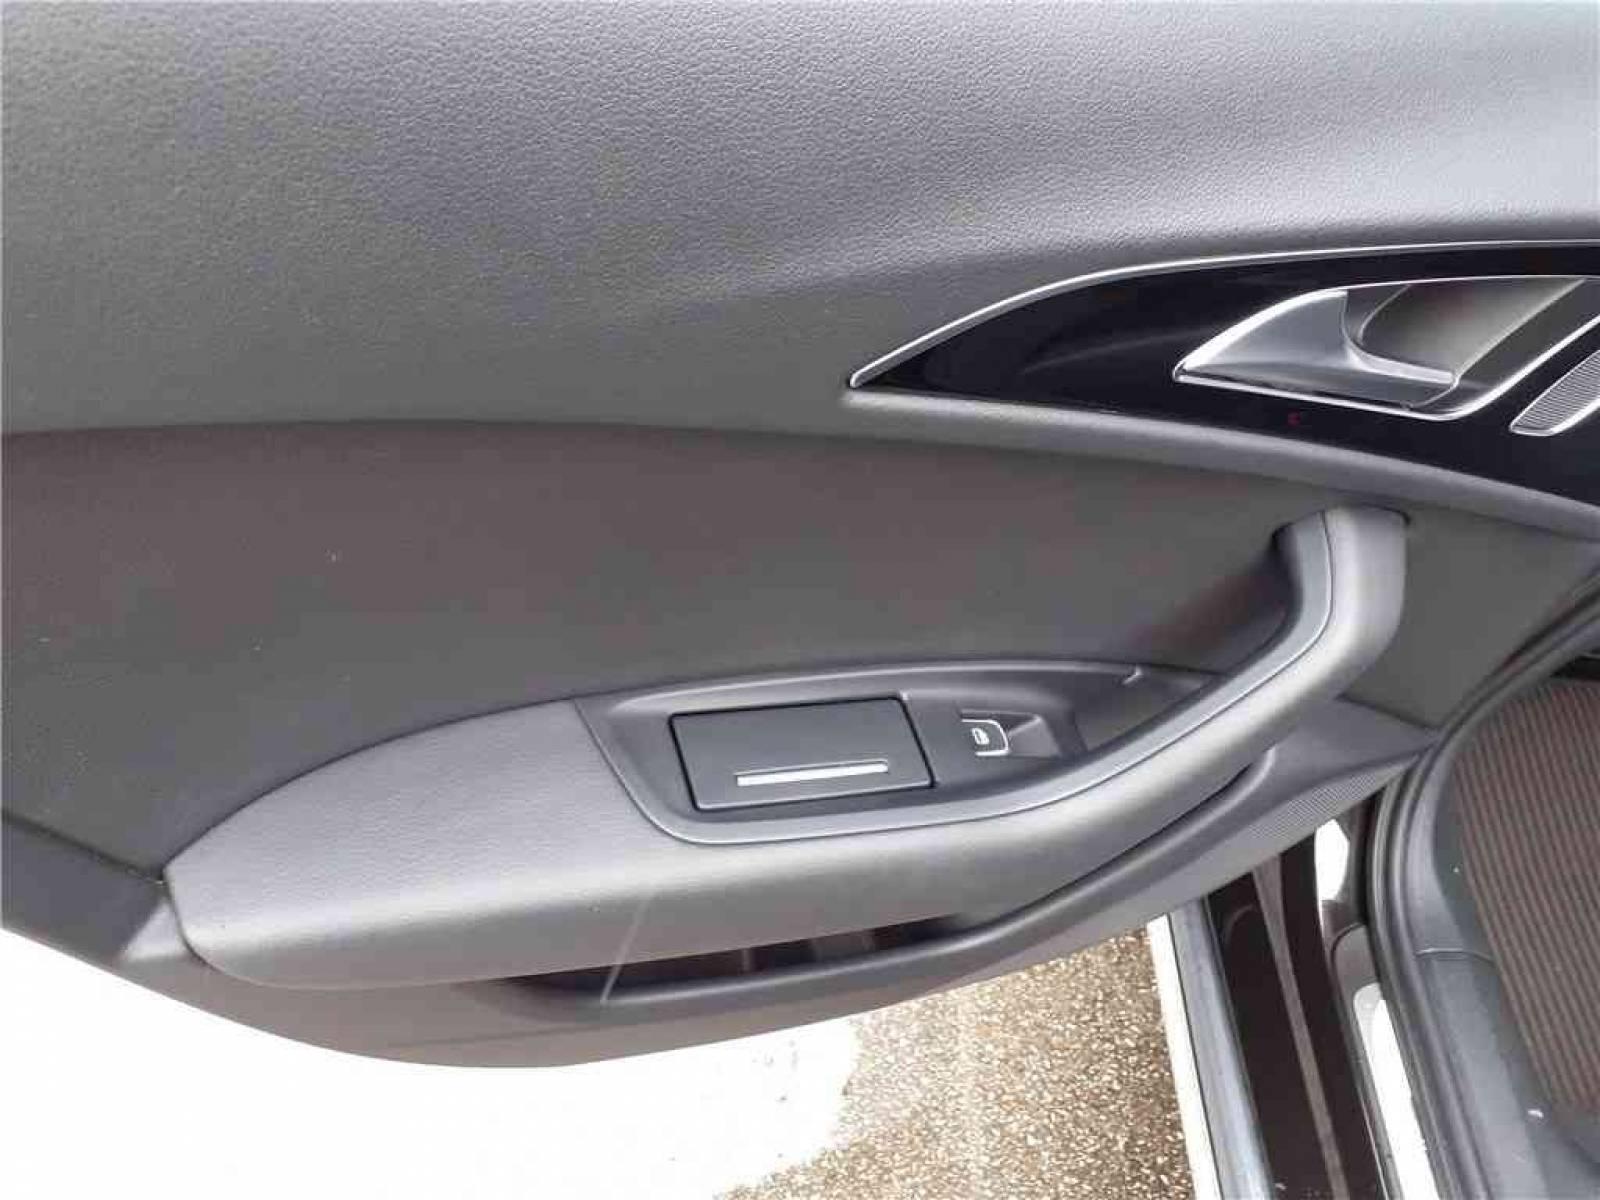 AUDI A6 Allroad Quattro V6 3.0 TDI 272 S Tronic - véhicule d'occasion - Groupe Guillet - Hall de l'automobile - Chalon sur Saône - 71380 - Saint-Marcel - 19